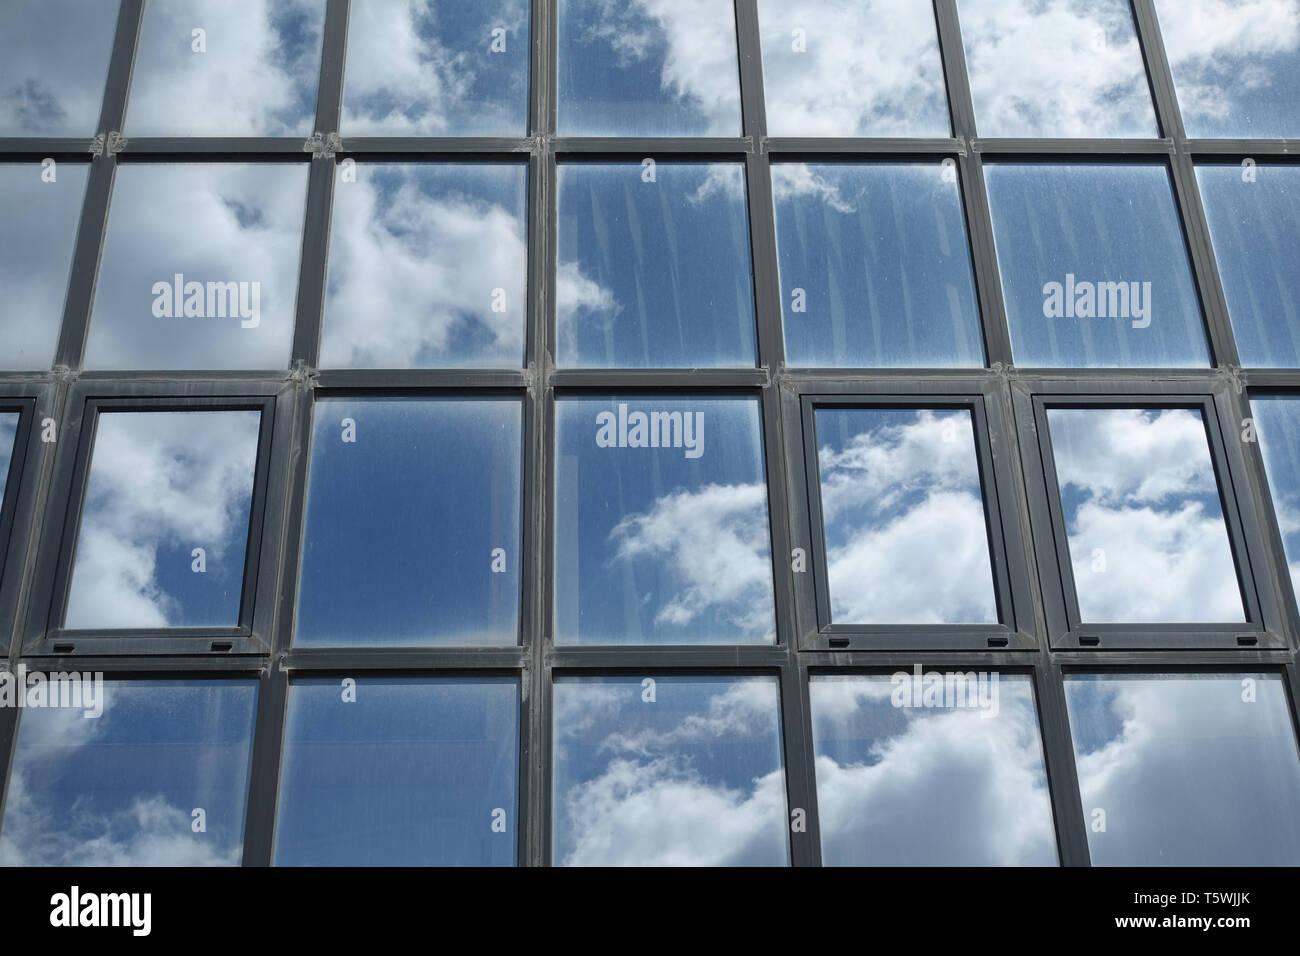 Cielo blu e nuvole bianche si riflette sulle finestre sporche. Office facciata di edificio closeup abstract background. Foto Stock